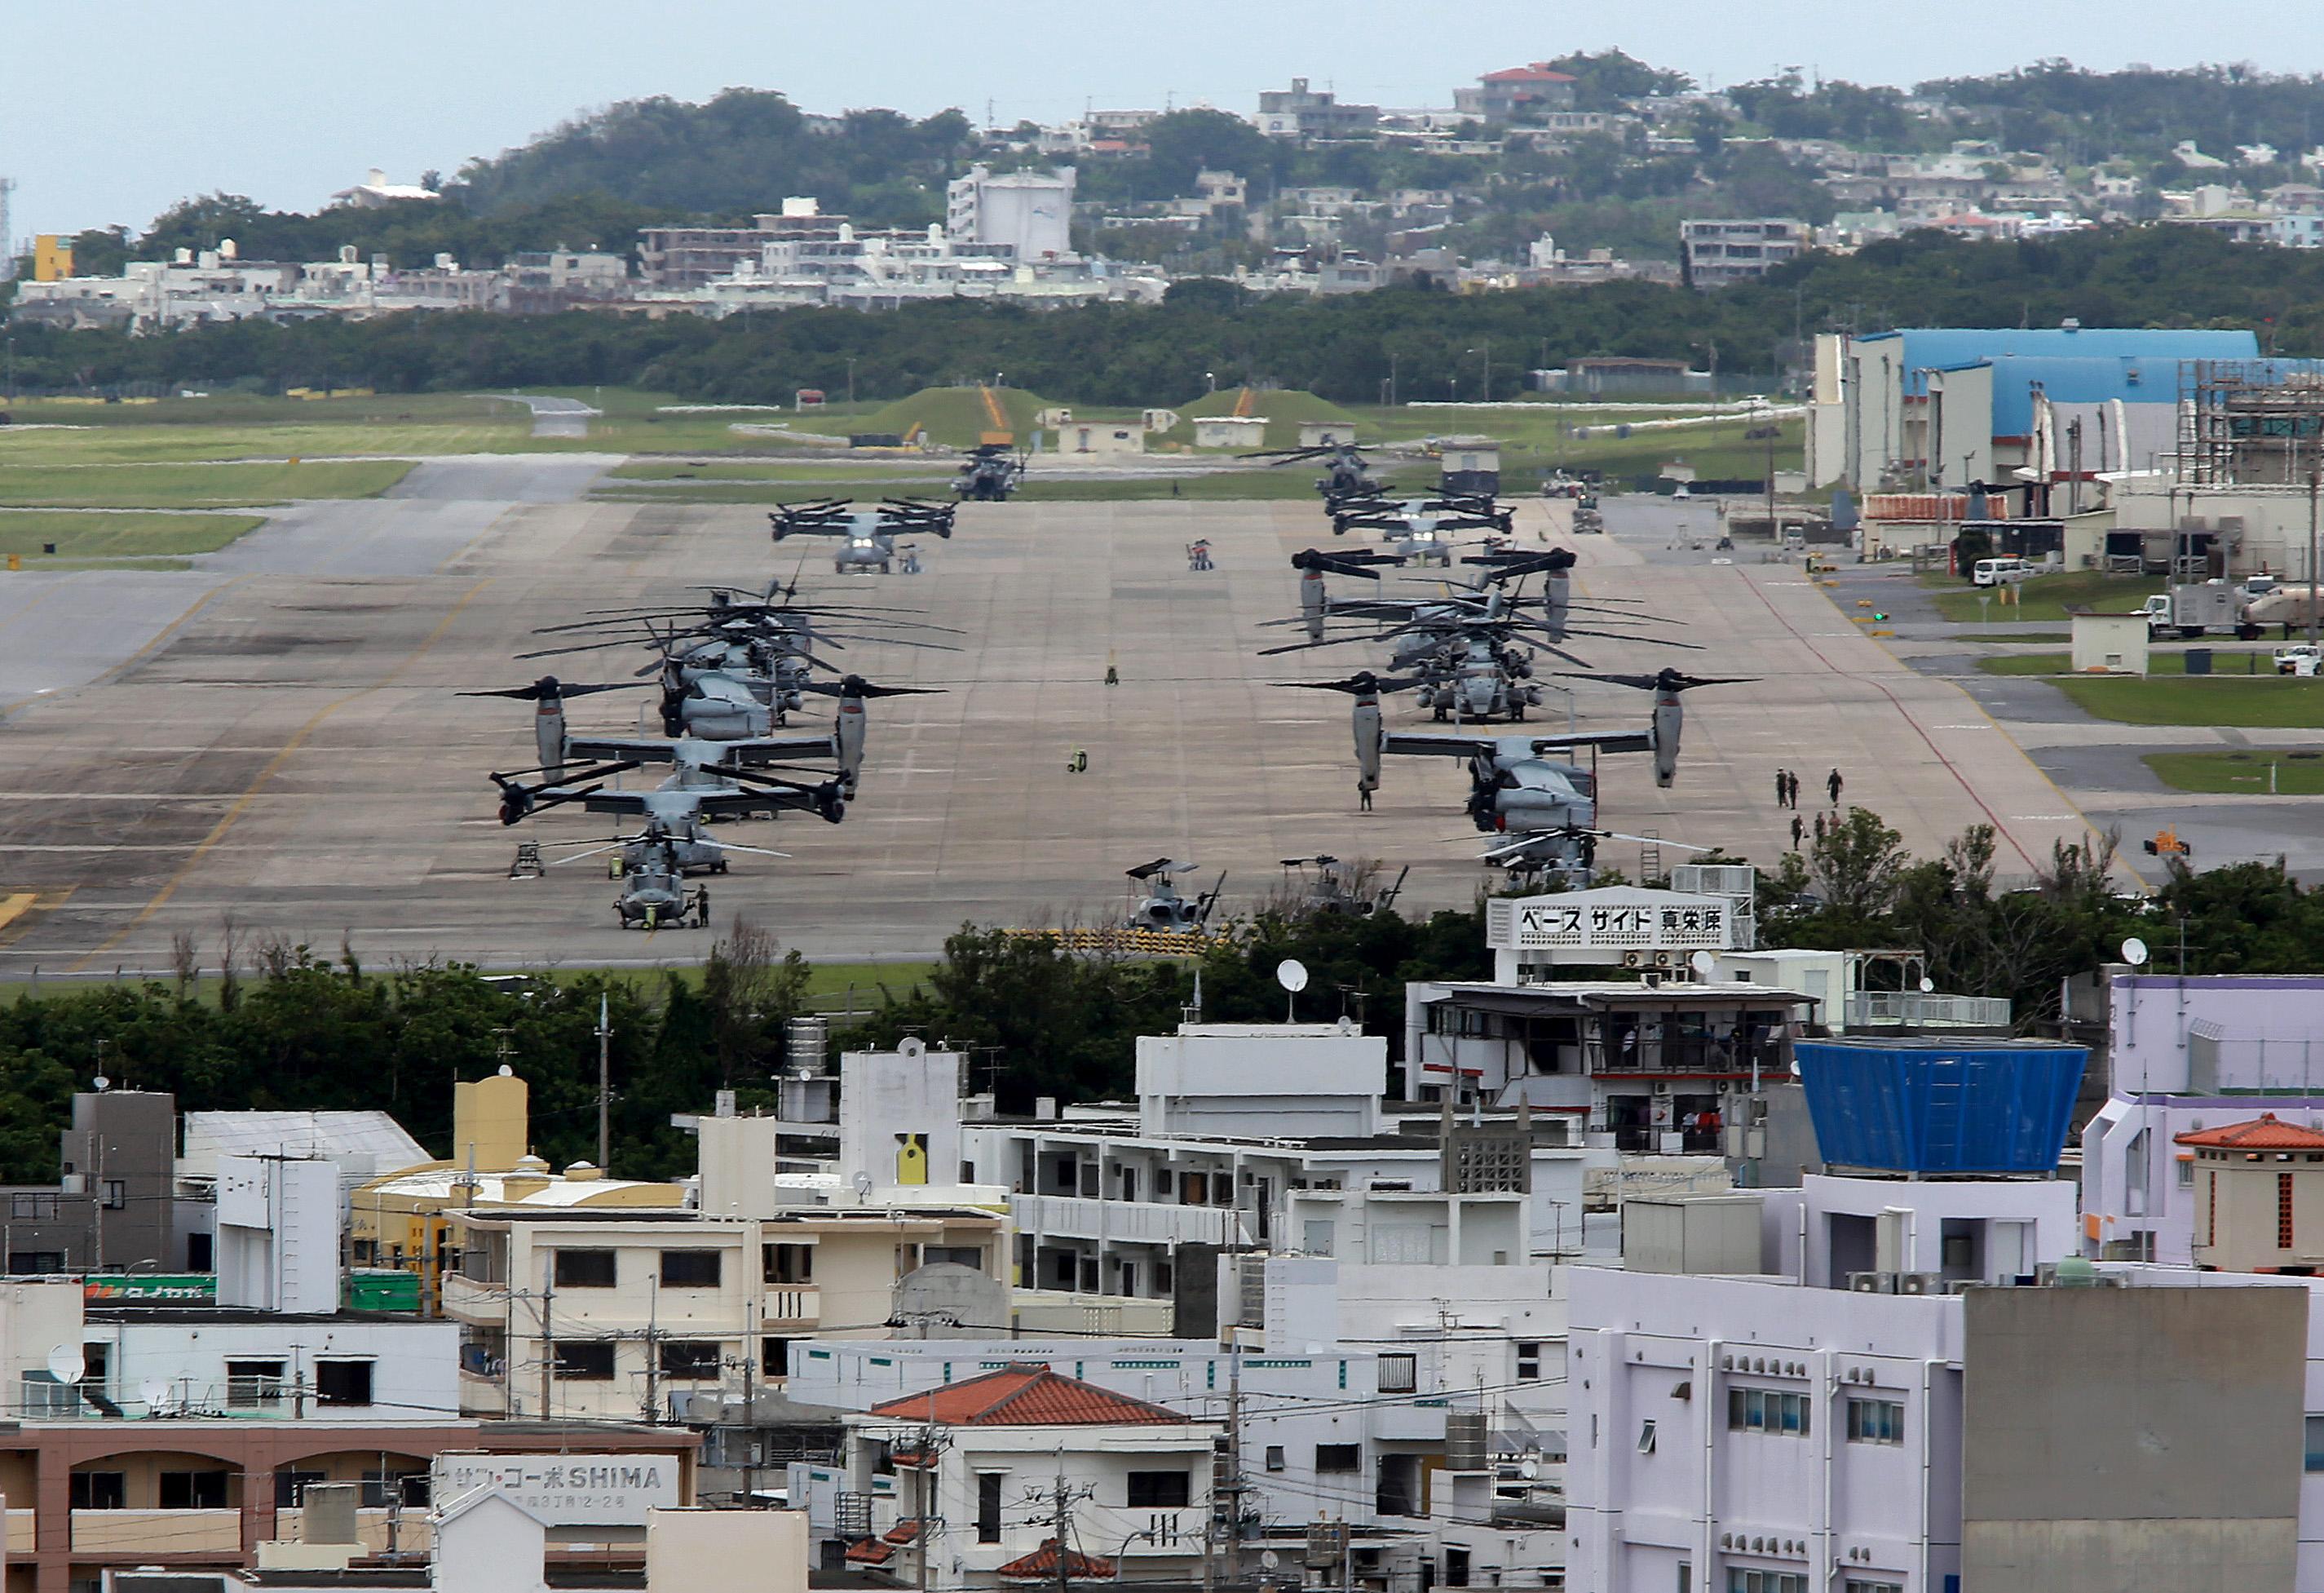 2015年5月19日、沖縄県の過密な住宅地に囲まれたアメリカ海兵隊普天間基地にepa04756429 アメリカ海兵隊 MV-22 オスプレイが駐機中。日本政府は、アメリカ空軍横田基地にCV-22オスプレイが配備されると5月12日に発表したばかりだった。 CV-22 オスプレイは特殊作戦部隊用であり、低空夜間飛行を行う。海兵隊MV-22オスプレイの三倍の事故率となっている。横田米空軍基地を取り巻く地元都市の市長四人は、2017年にCV-22オスプレイ配備について深い懸念を表明した。アメリカ国防総省は、ハワイでCV-22オスプレイが墜落し、一人死亡、21人が負傷したにもかかわらず、日本でのオスプレイ配備を見直さないと5月18日に発表していた。EPA/HITOSHI MAESHIRO